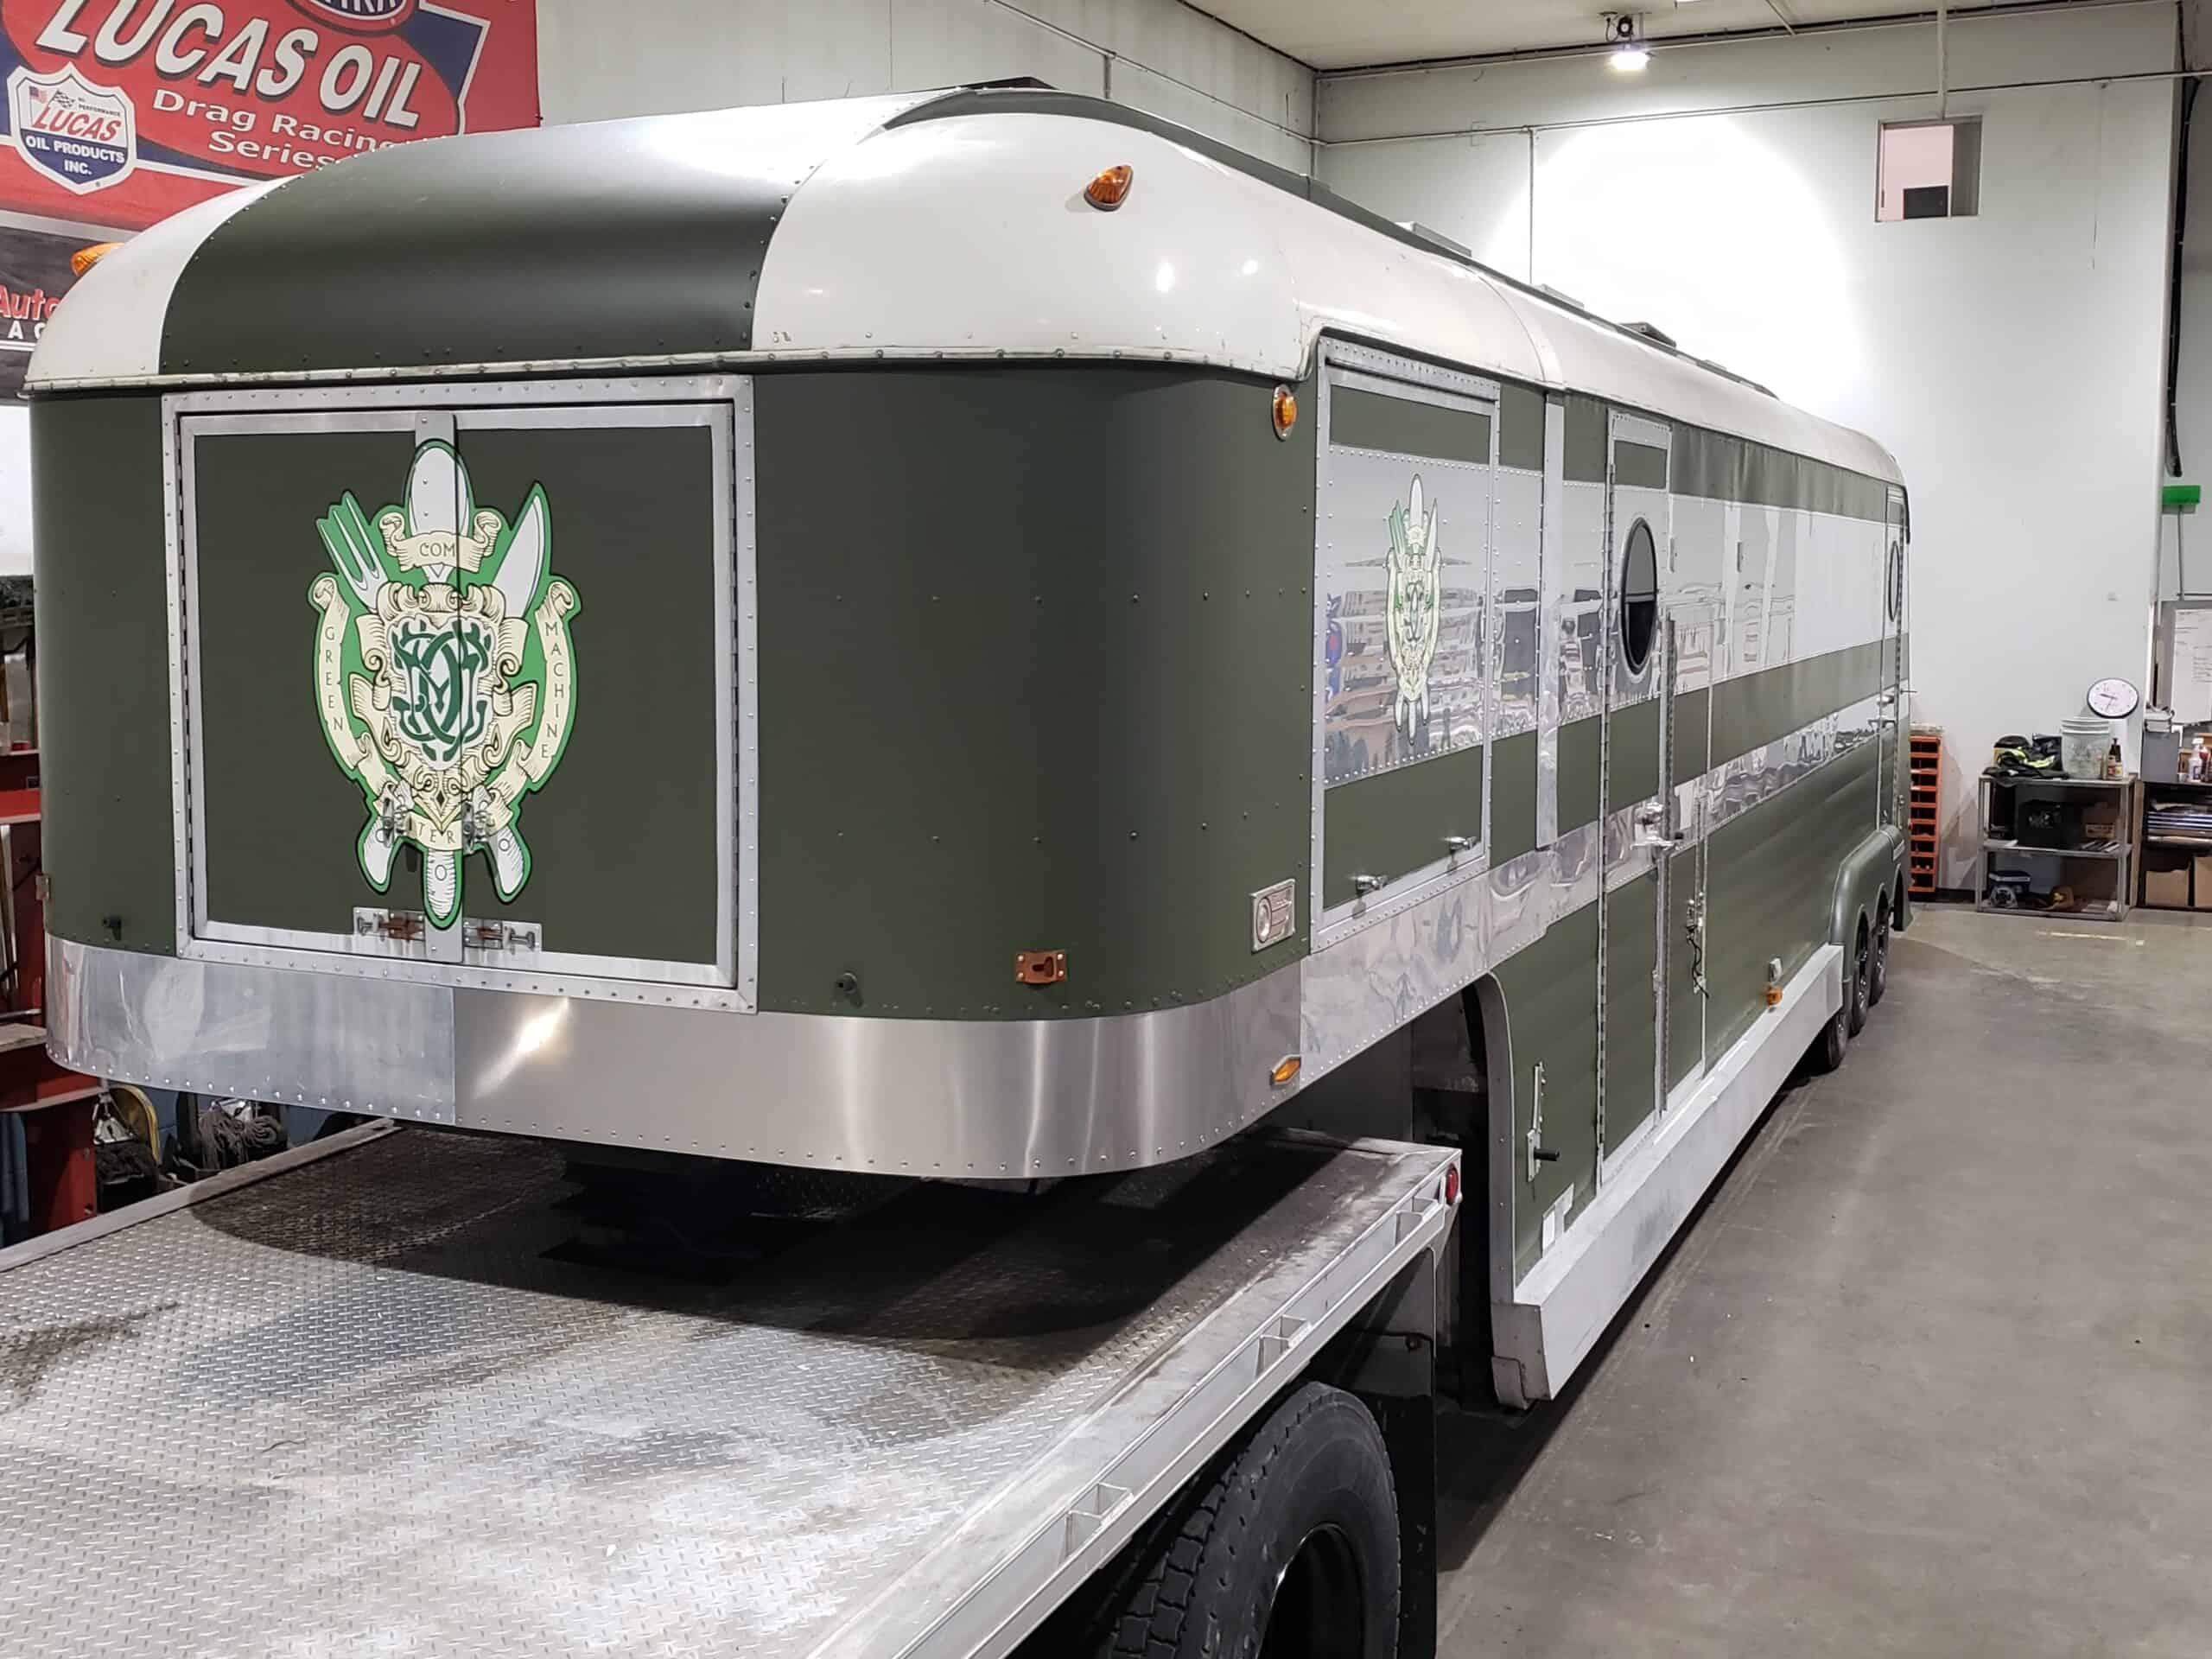 car decals, green machine logo